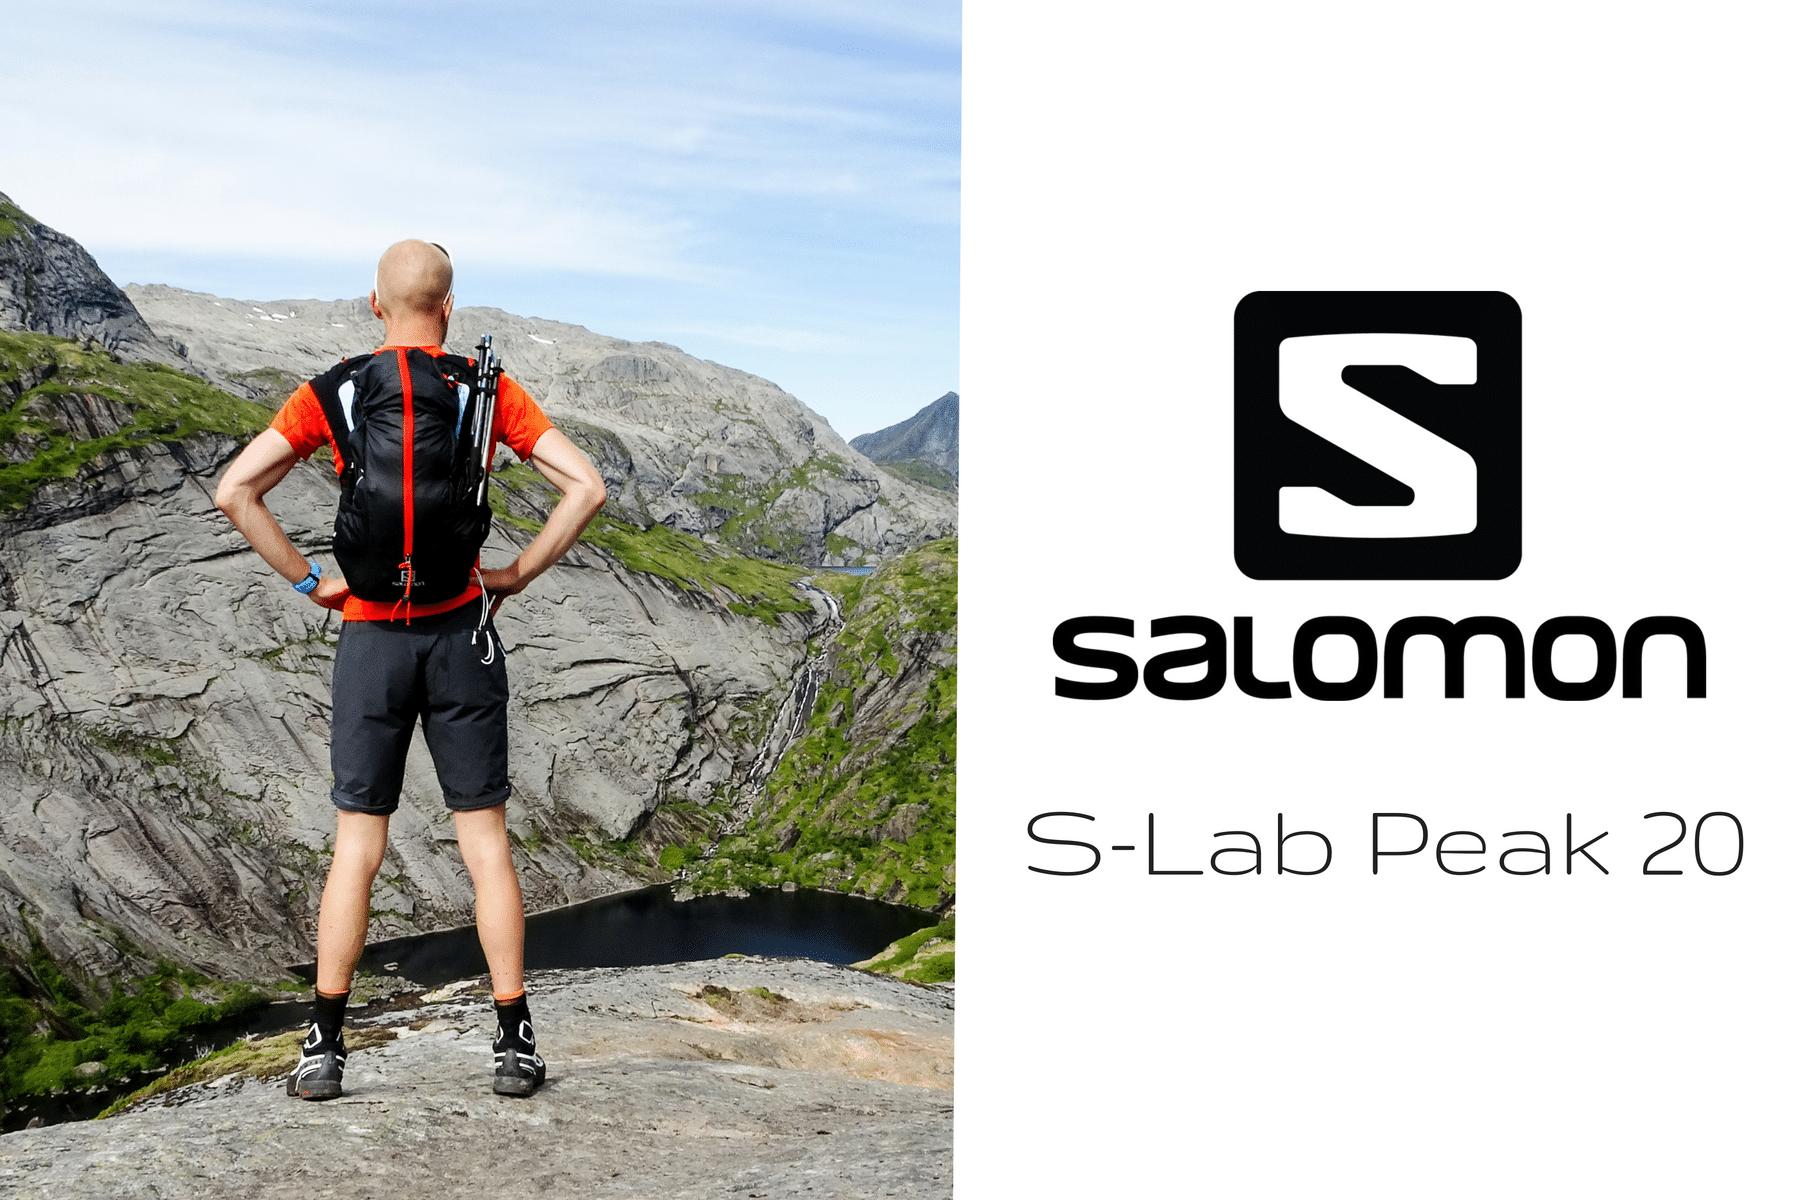 Salomon S-Lab Peak 20 : Test